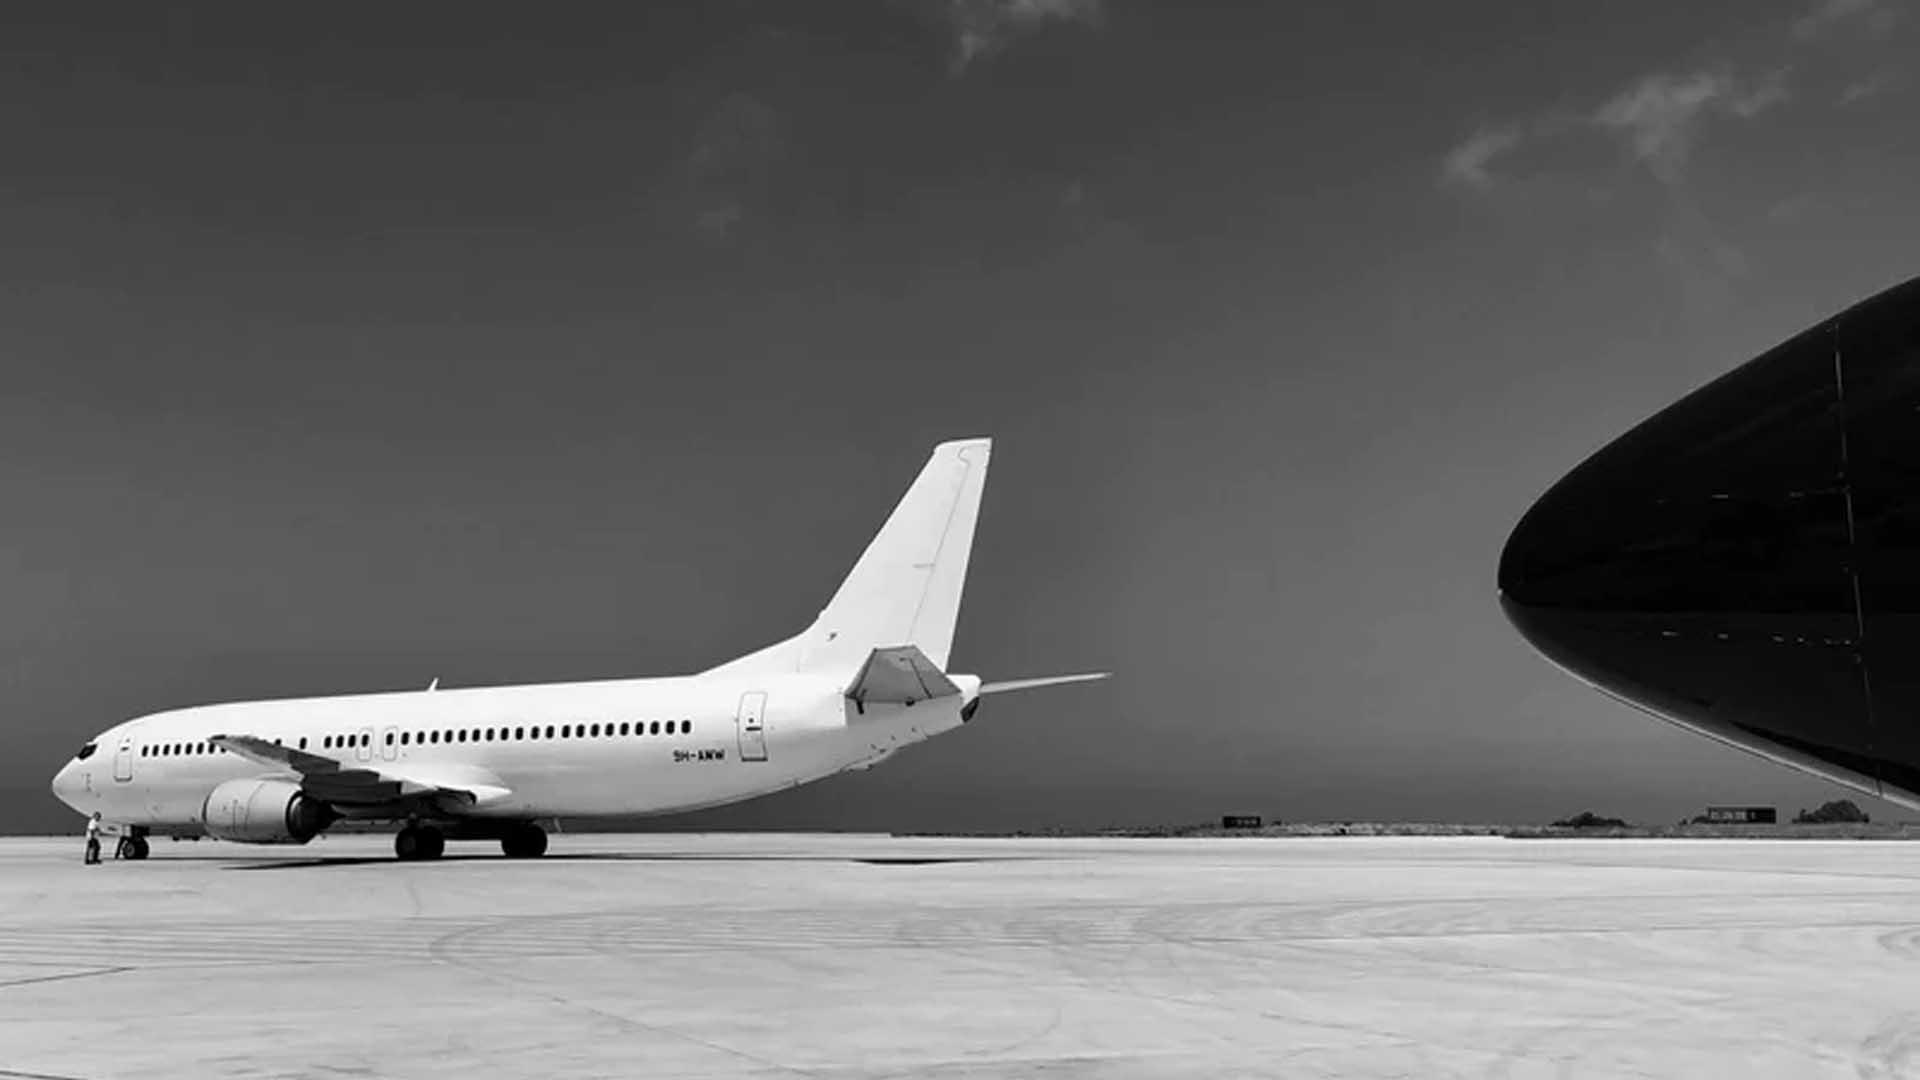 Courses en ligne courses en magasin impact écologique dernier kilomètre livraison avion